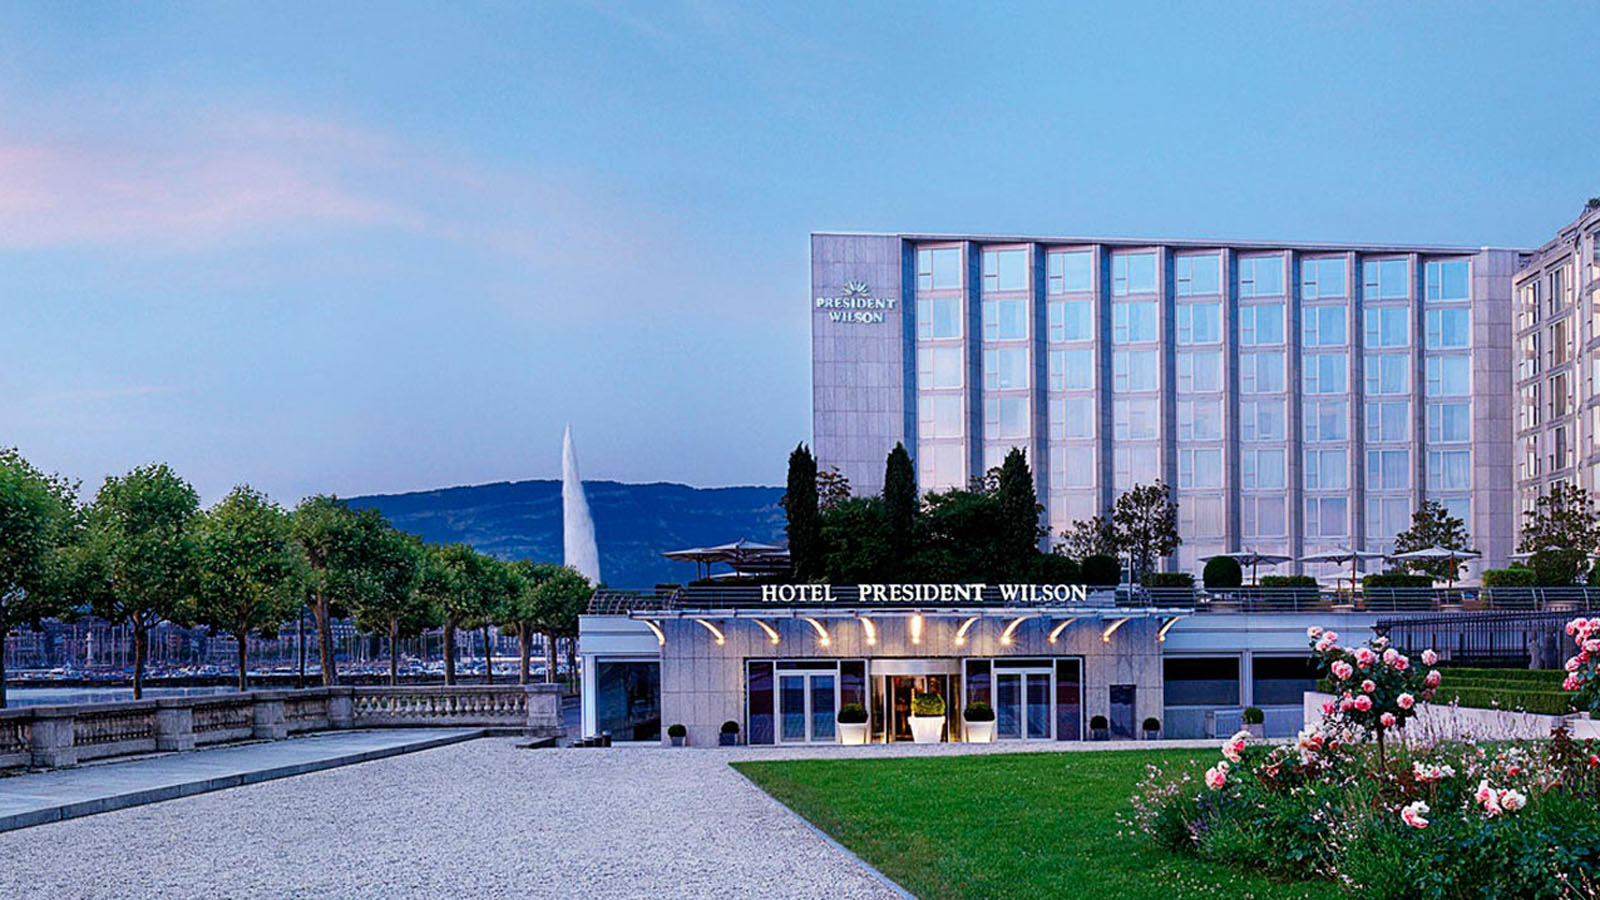 Hotel-President-Wilson-Panorama-Aussenansicht-lux1274ex96907